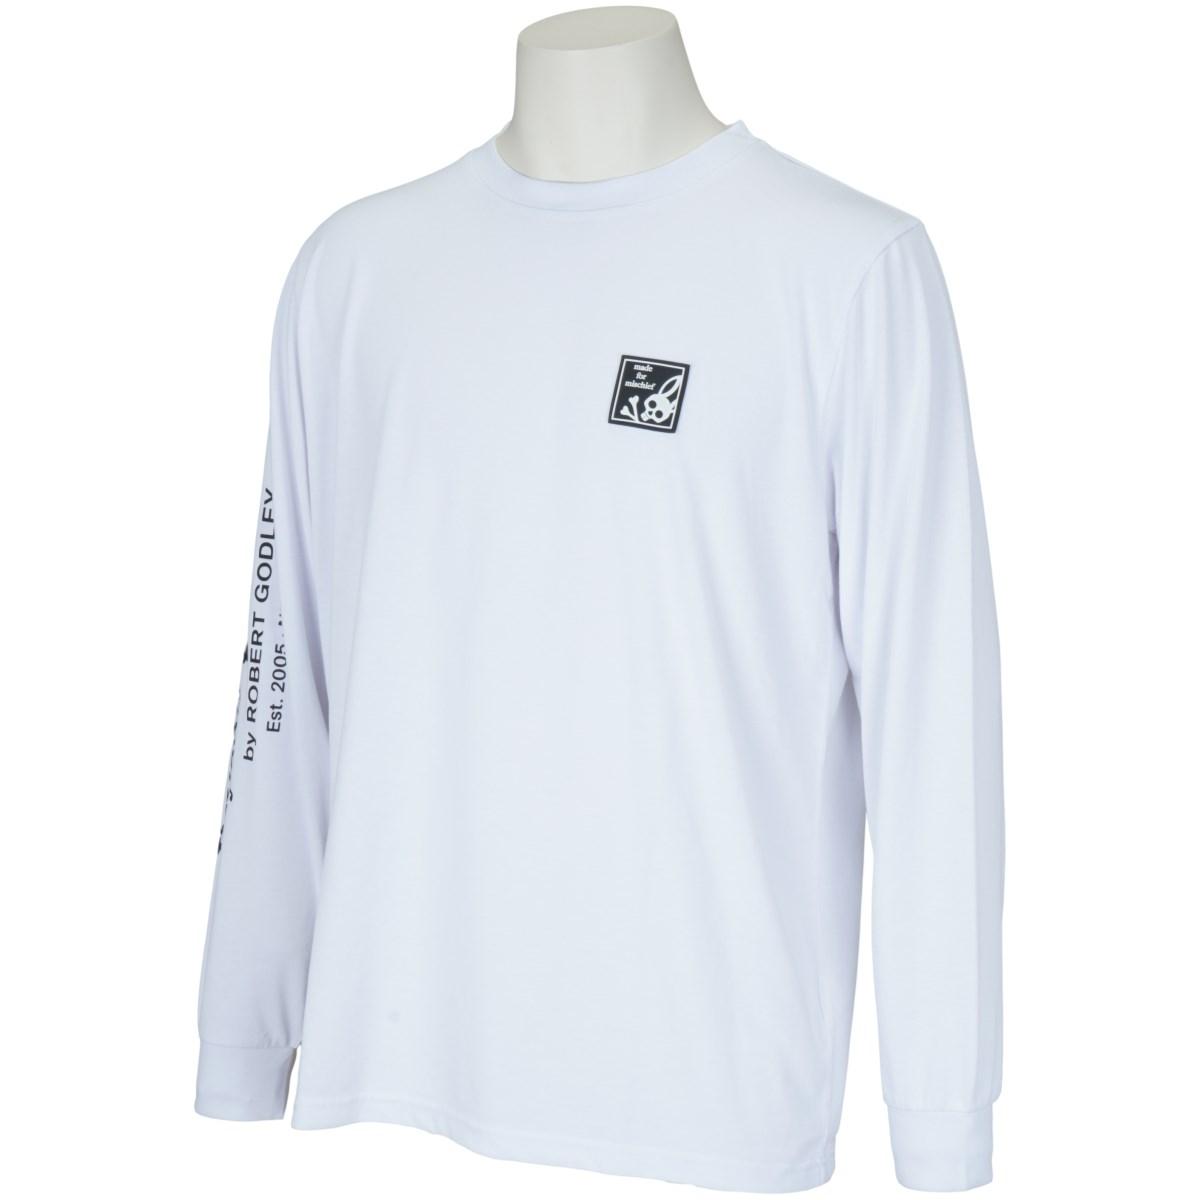 サイコバニー PSYCHO BUNNY ラバーロゴ長袖Tシャツ M ホワイト